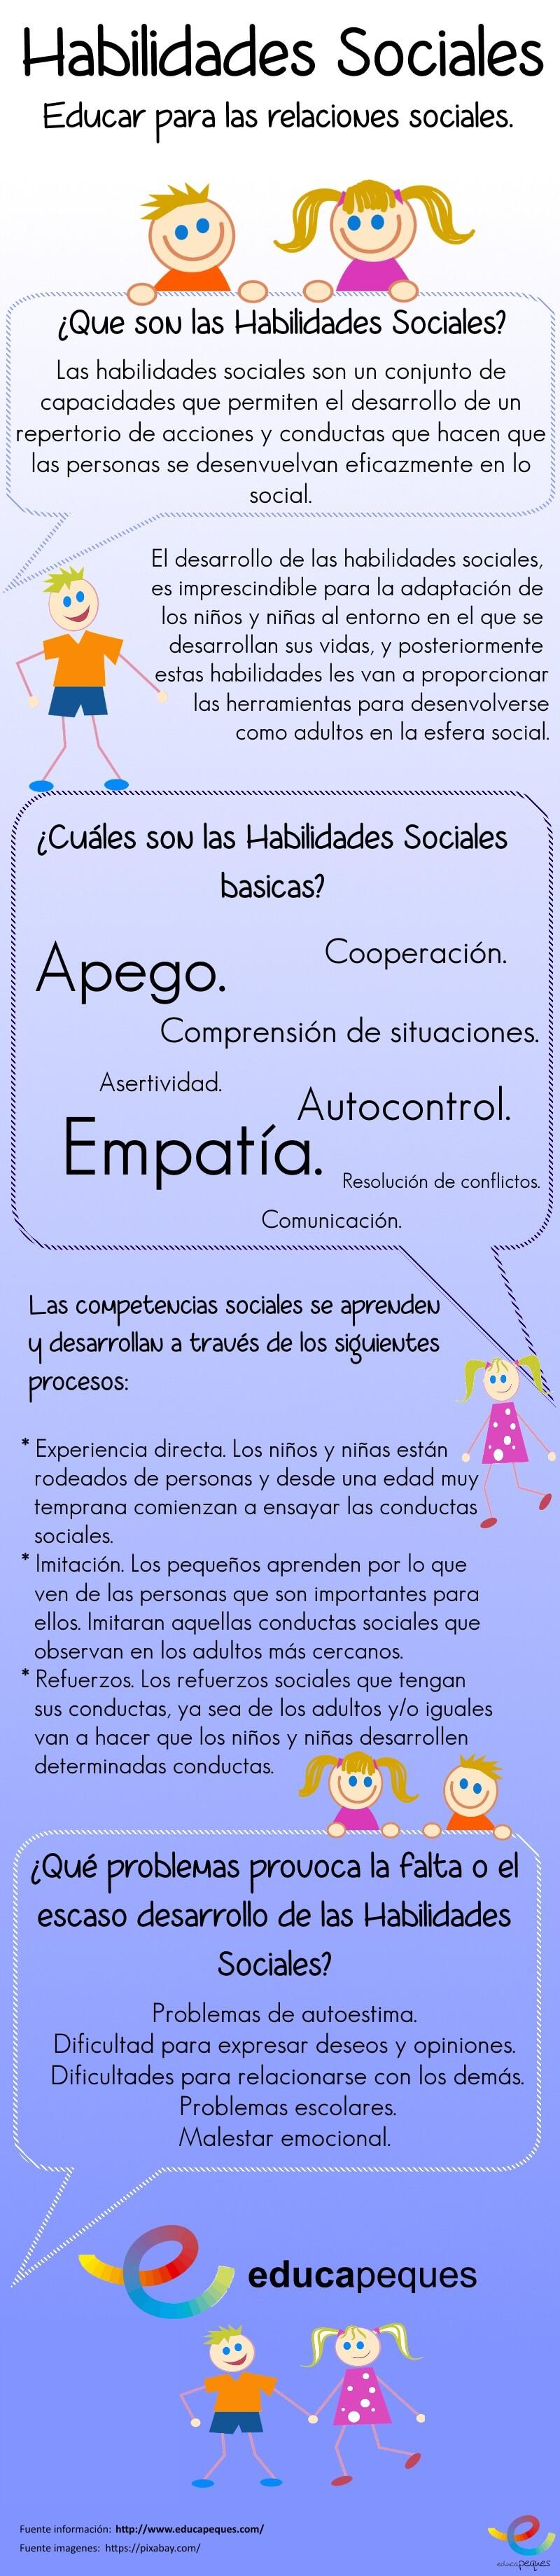 Las habilidades sociales en los niños y sus competencias sociales